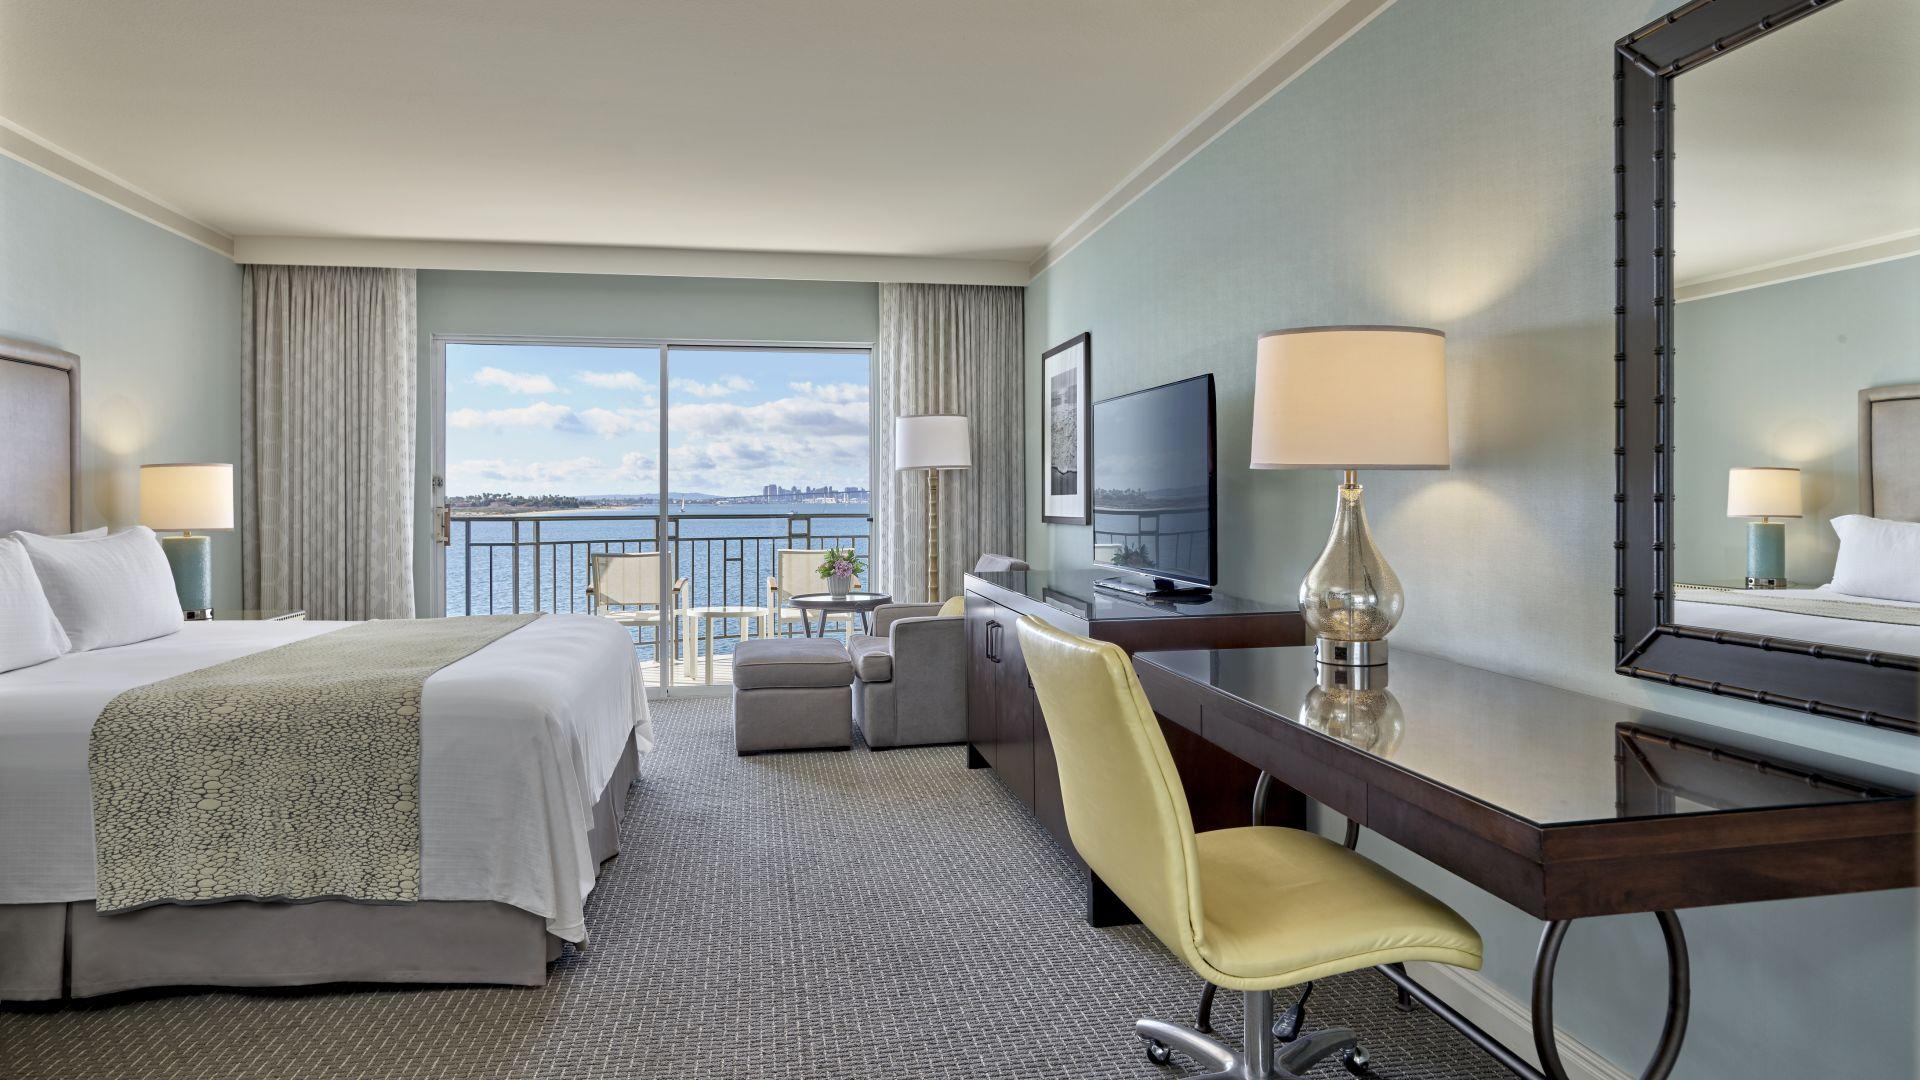 Habitación con vista a la bahía y cama king